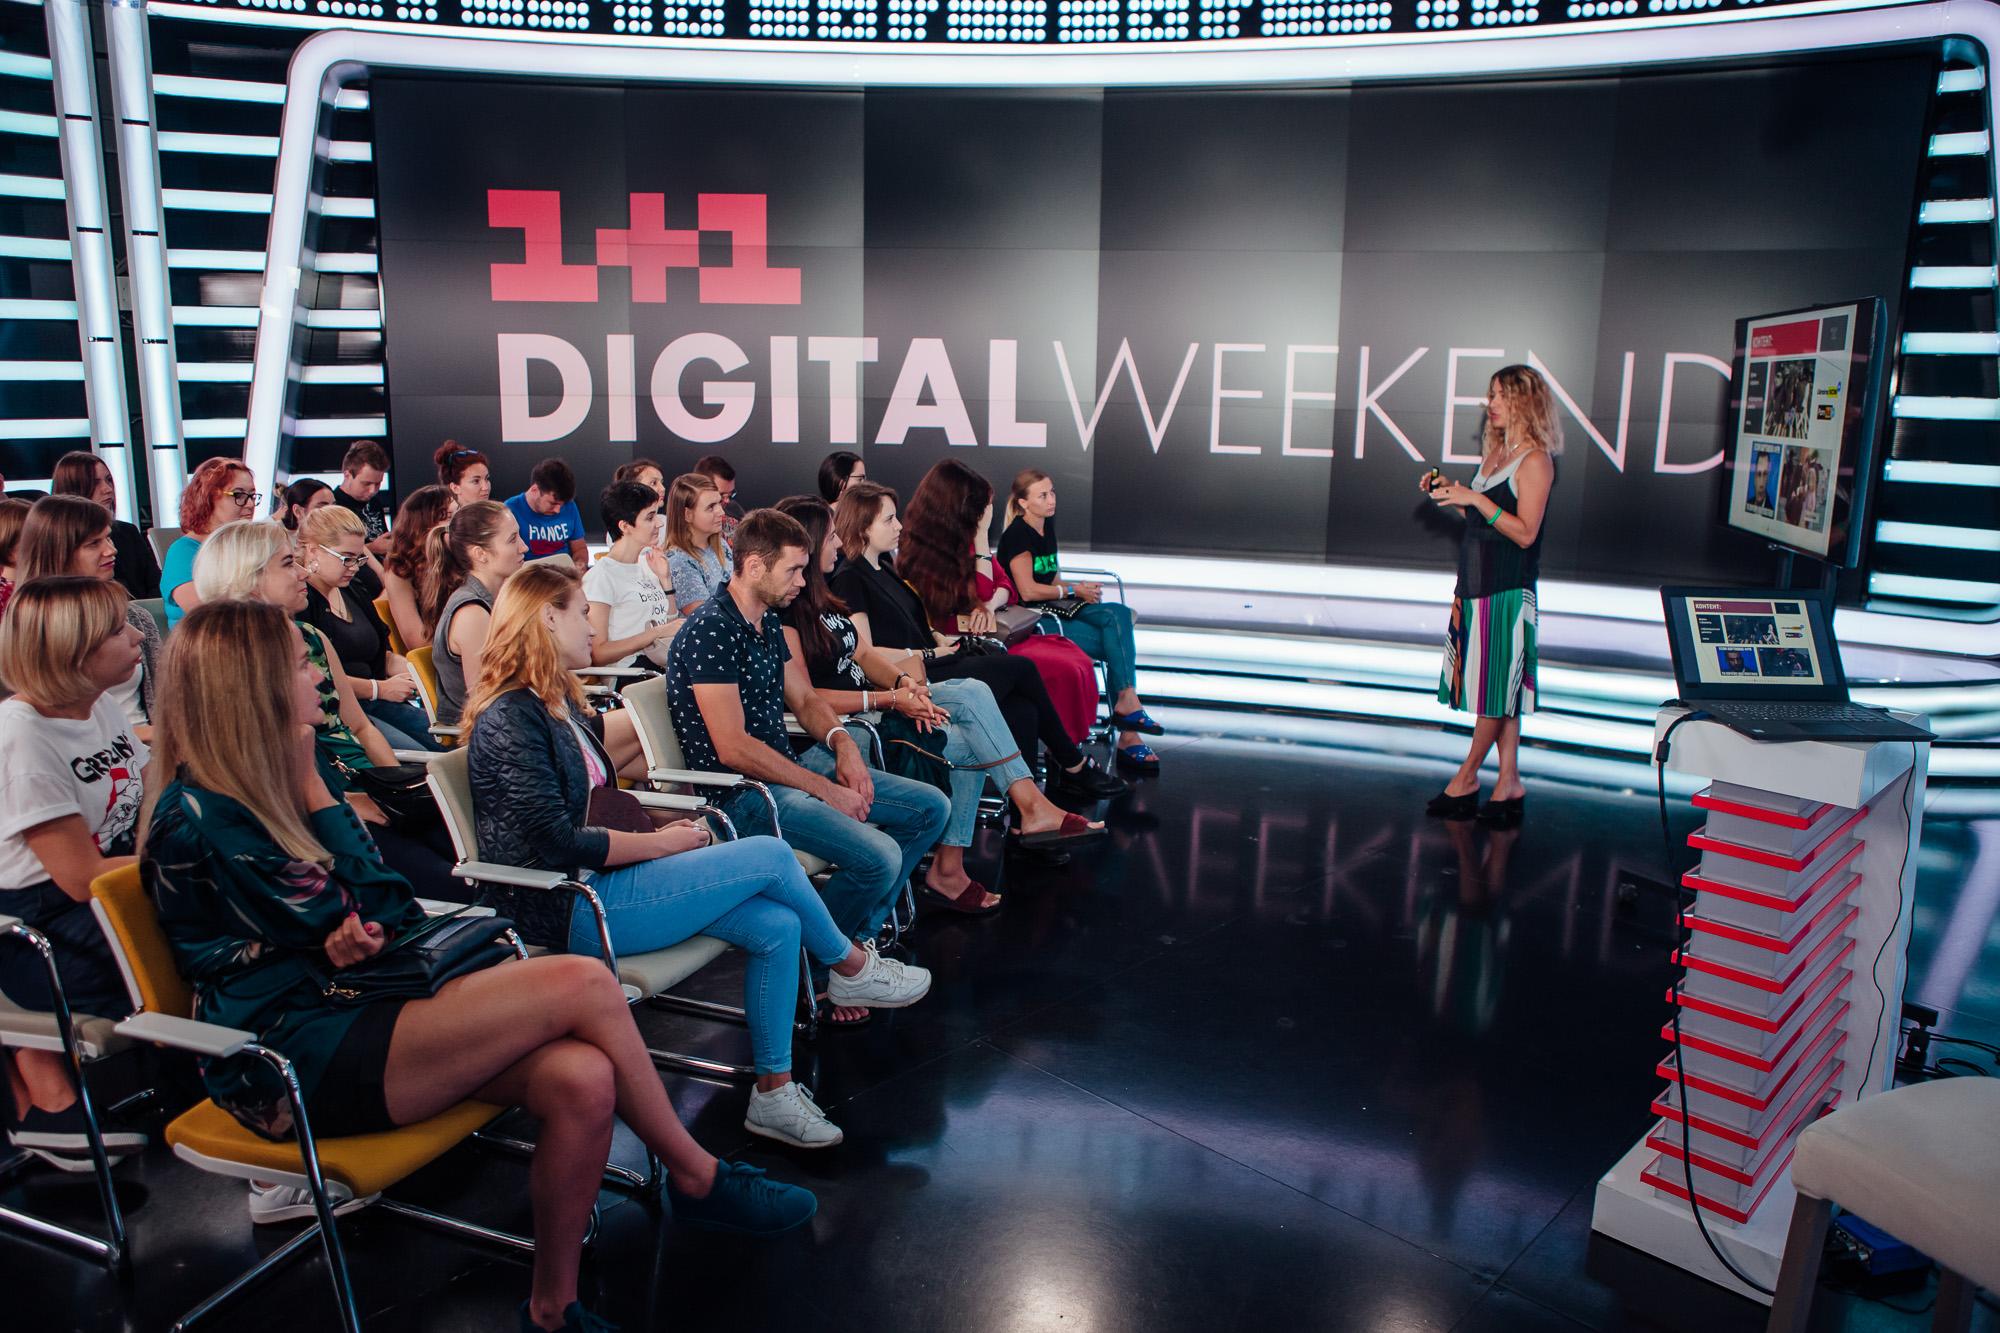 Вихідні з користю: як минув 1+1 Digital Weekend